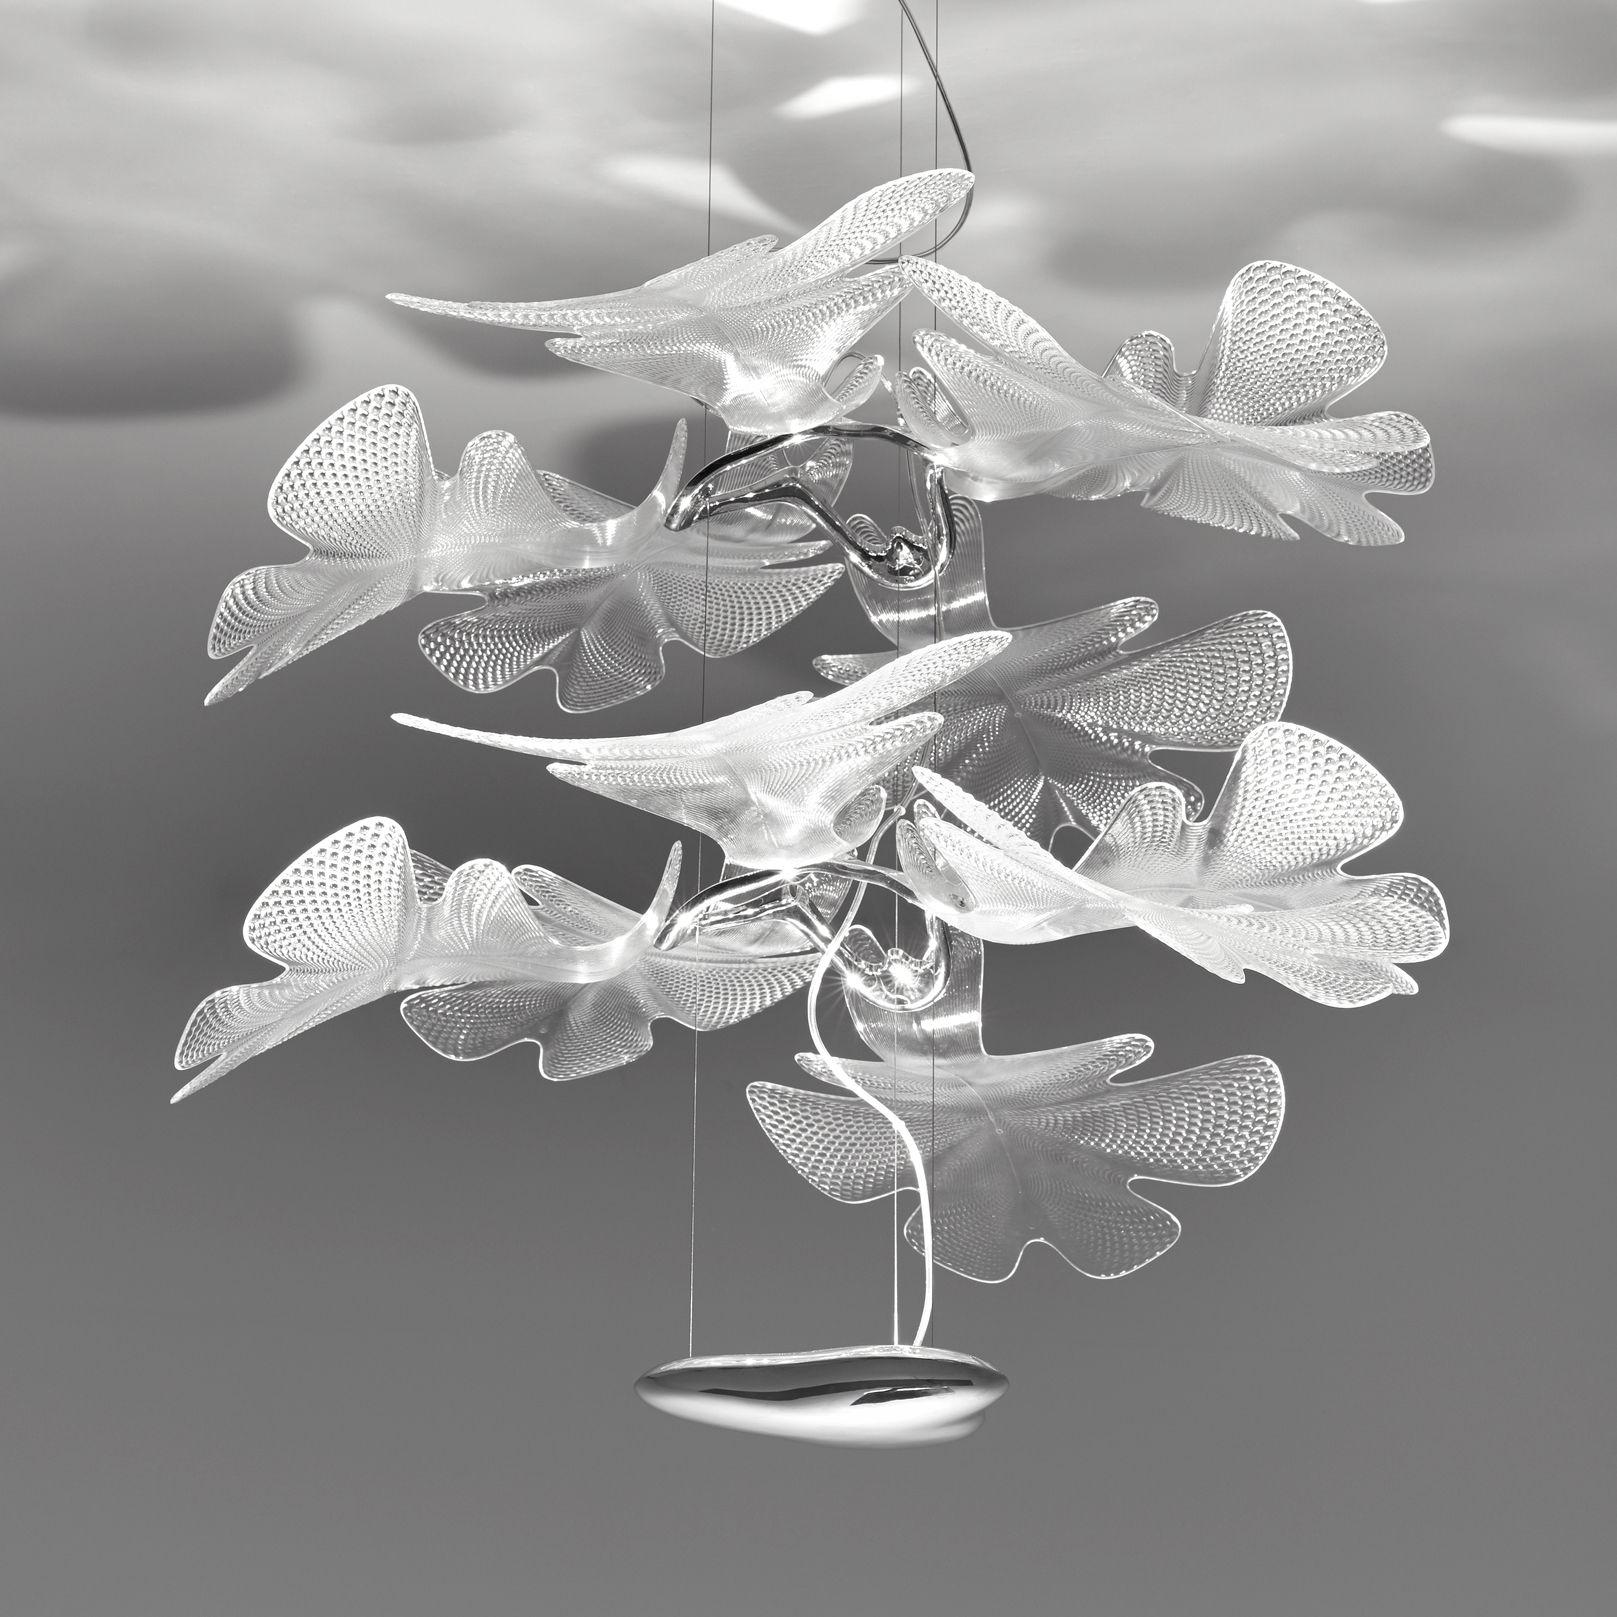 Illuminazione - Lampadari - Sospensione Chlorophilia Double / LED - Ø 78 x H 66 cm - Artemide - Trasparente - Alluminio, PMMA